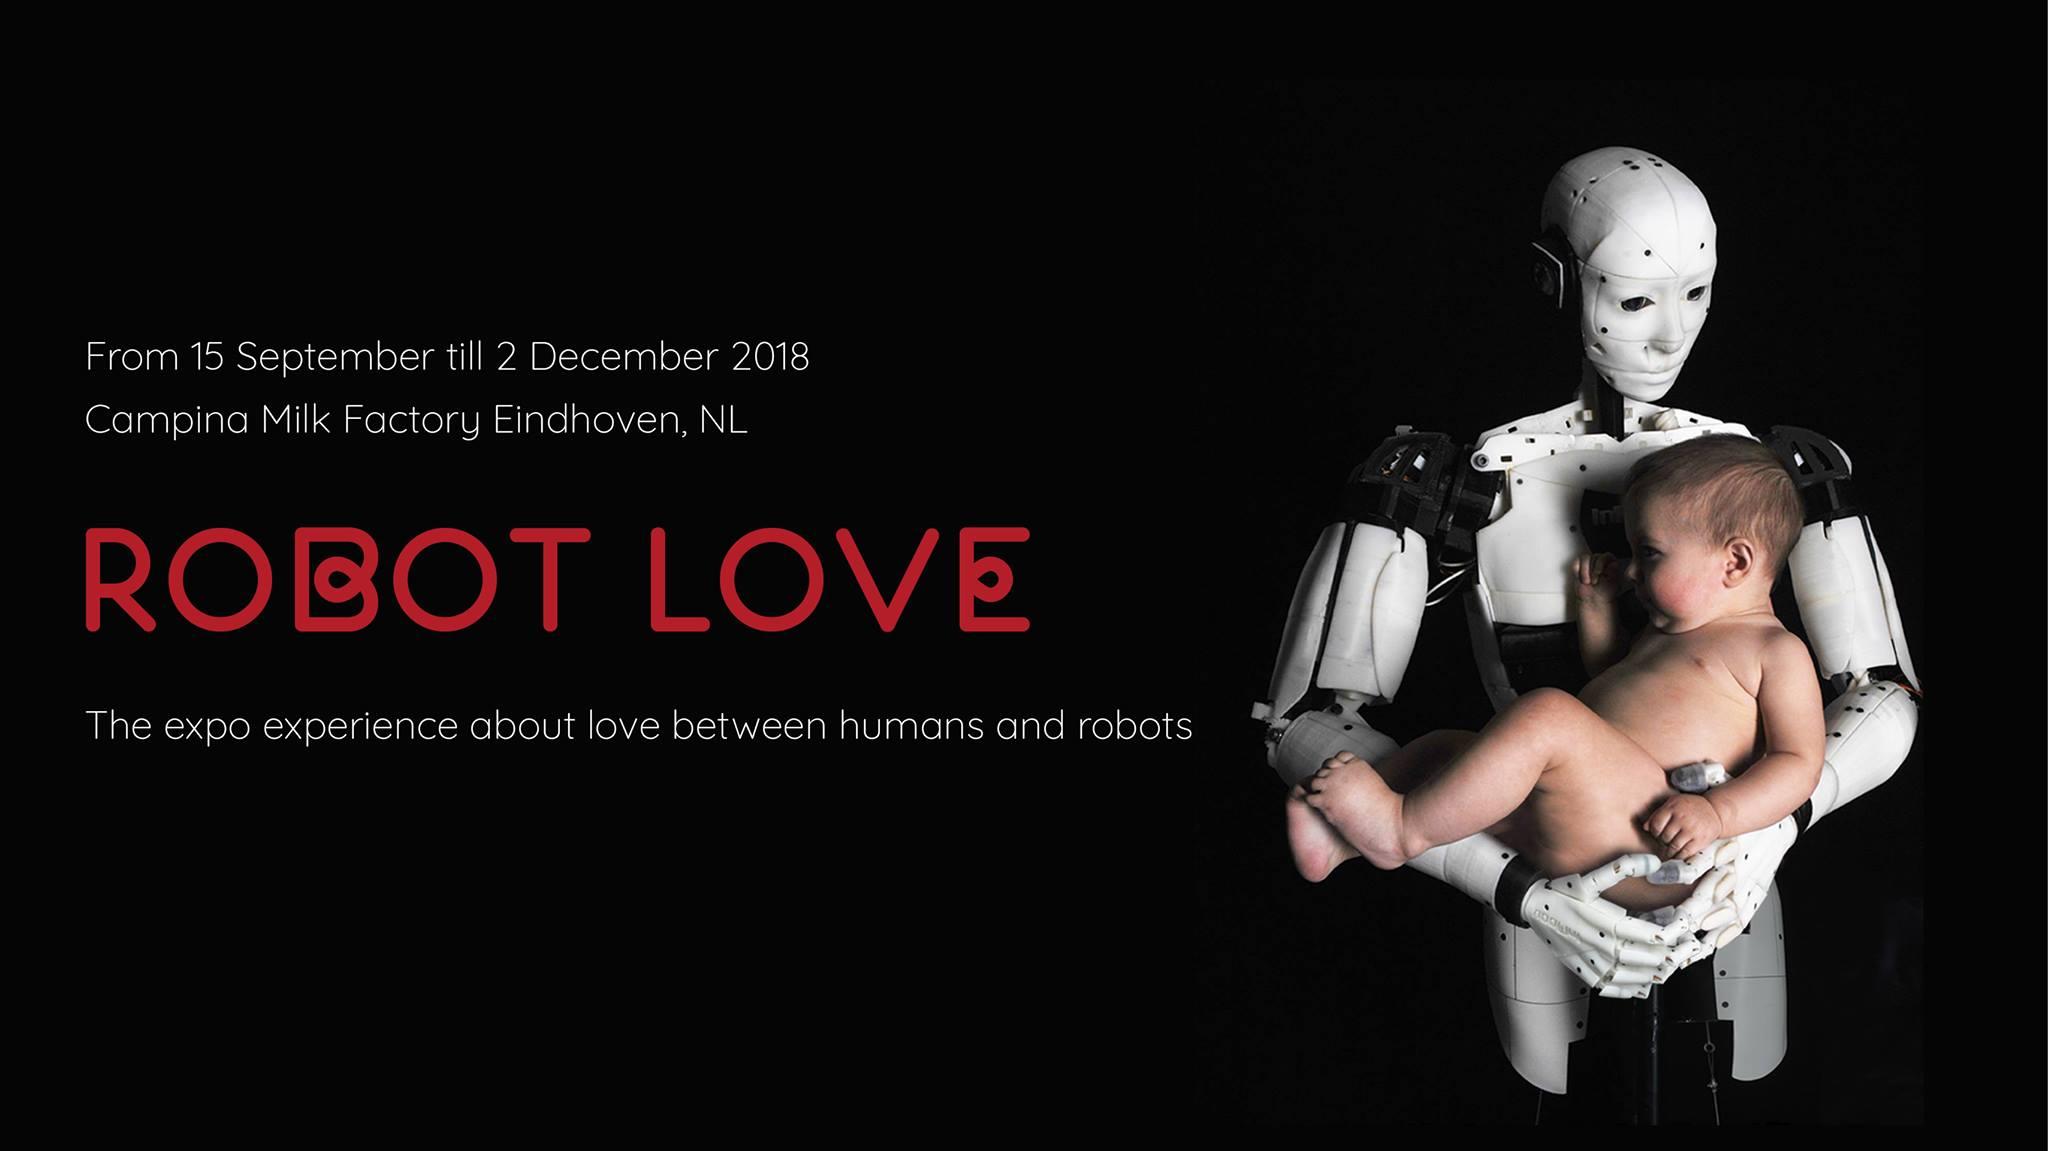 Robot Love 2018 : robotique, intelligence artificielle et neuroscience au cœur d'Eindhoven, Pays-Bas